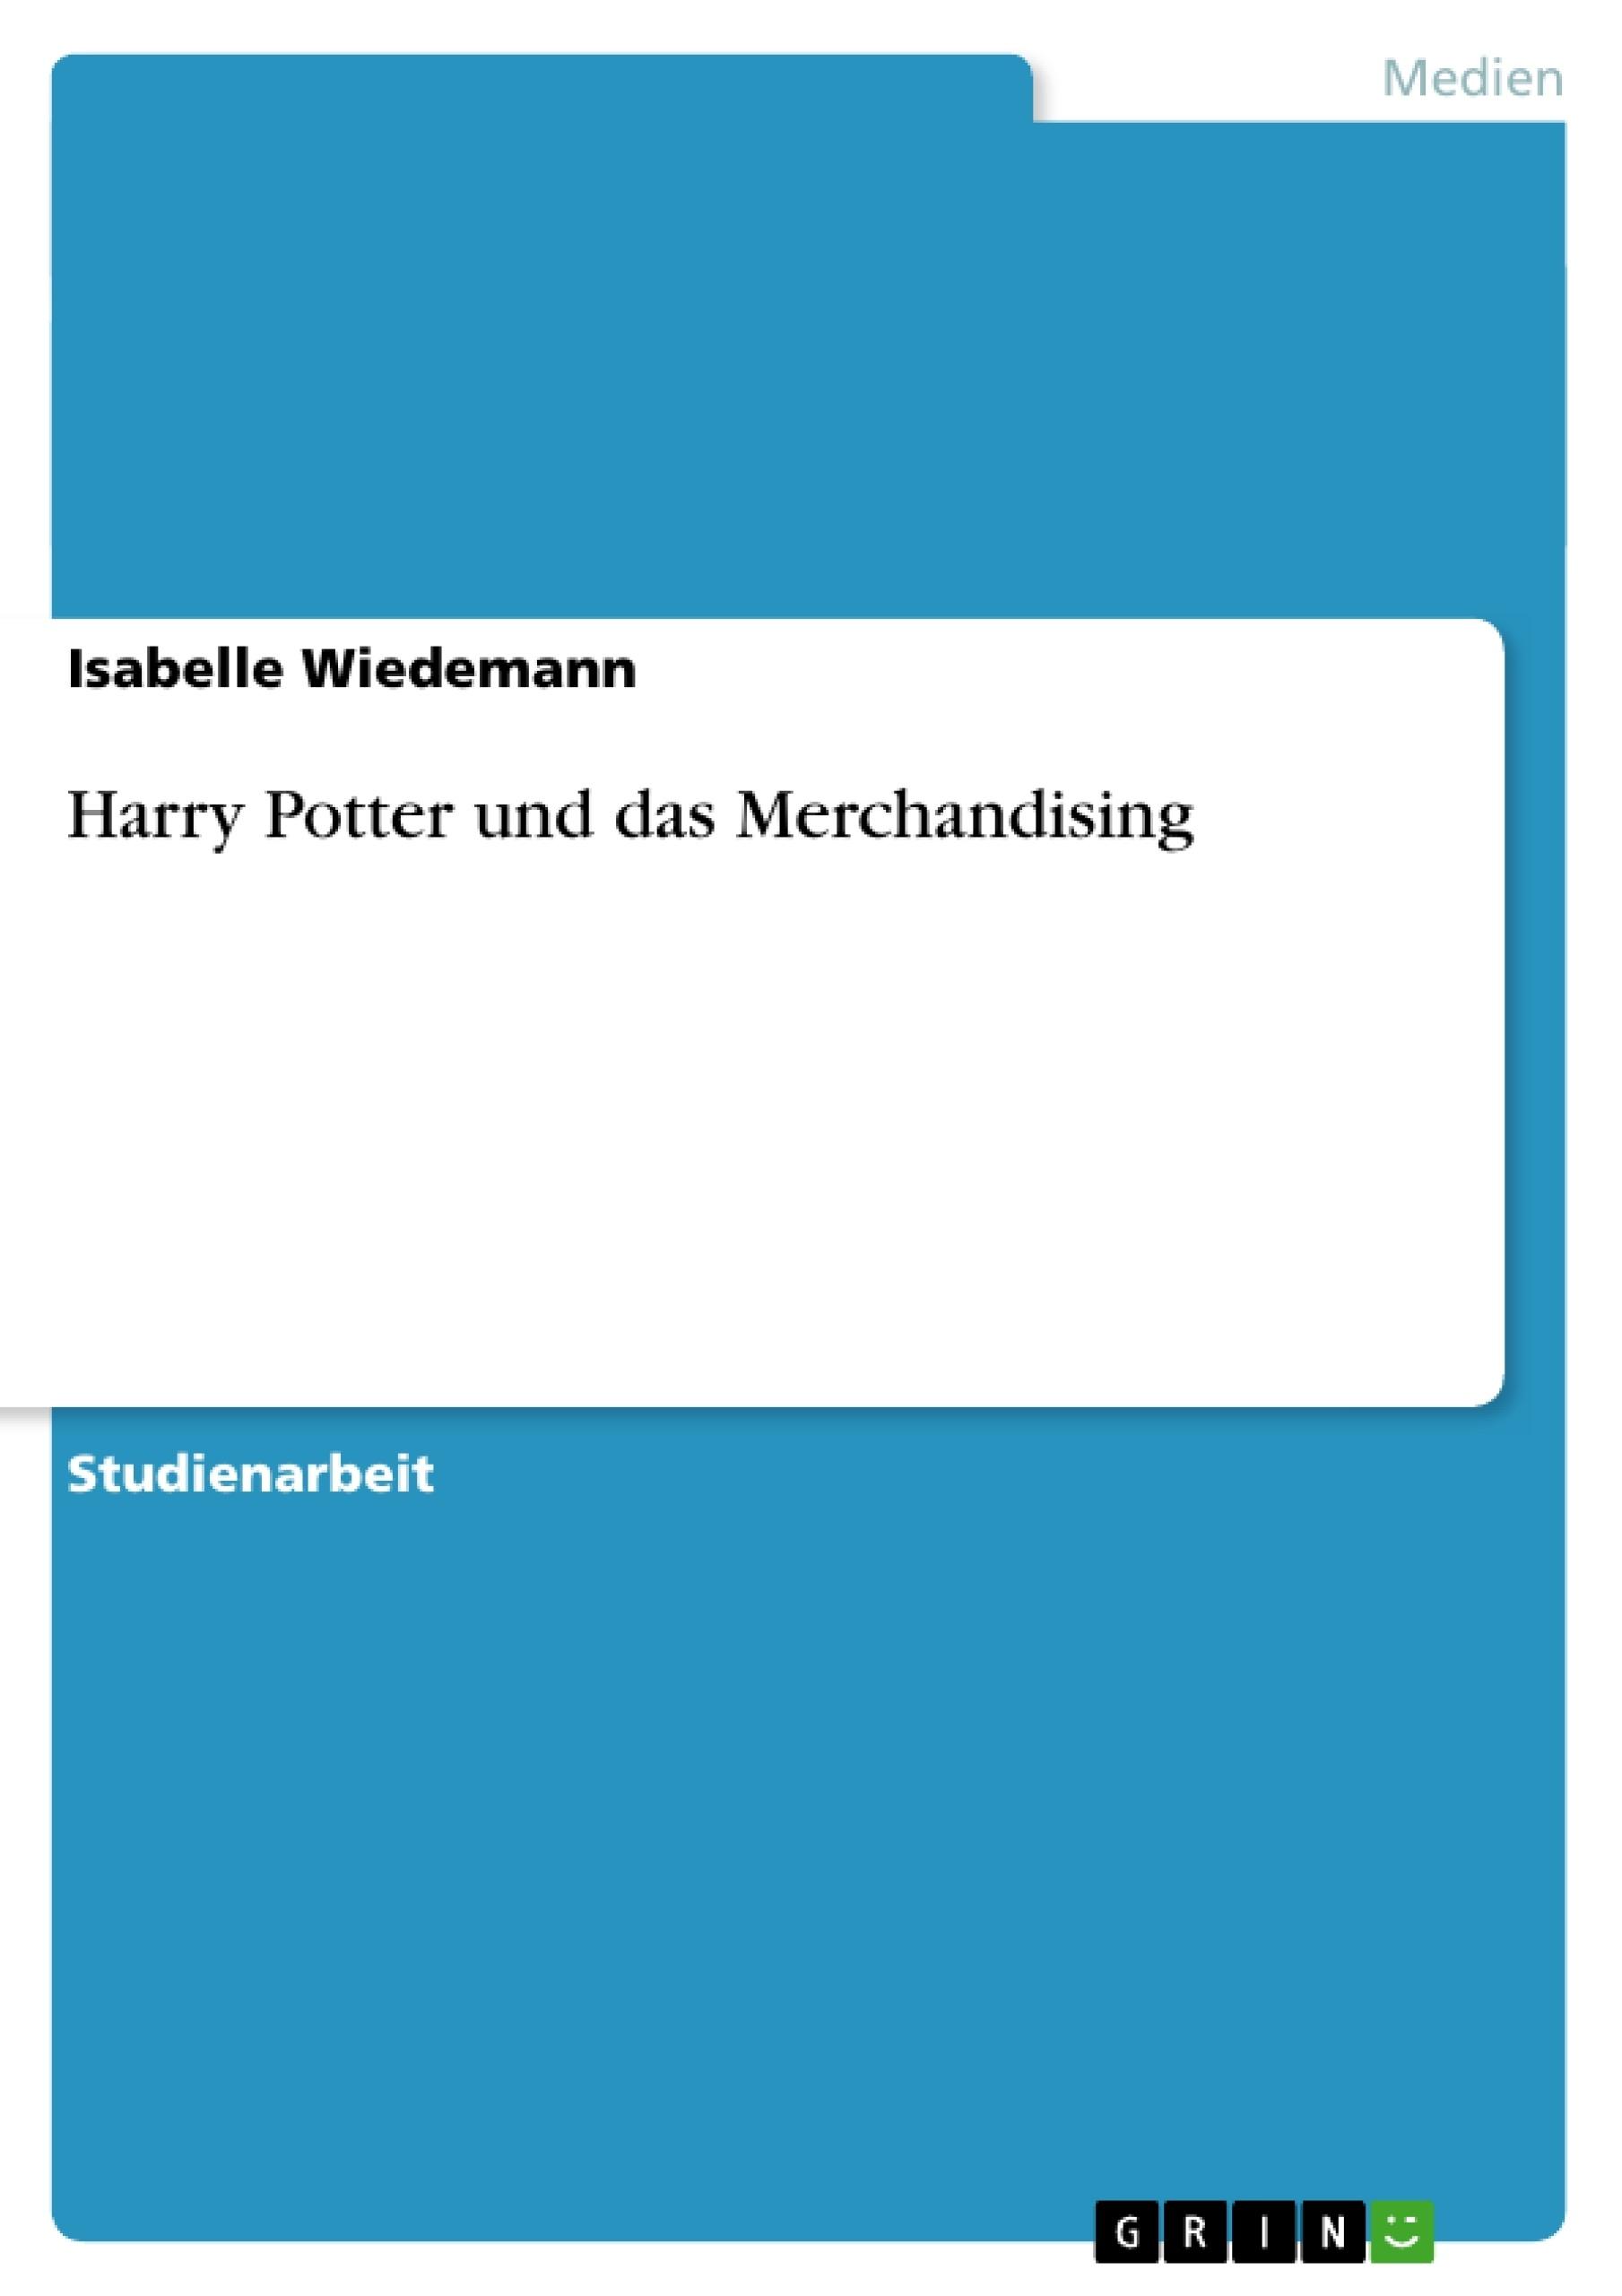 Titel: Harry Potter und das Merchandising